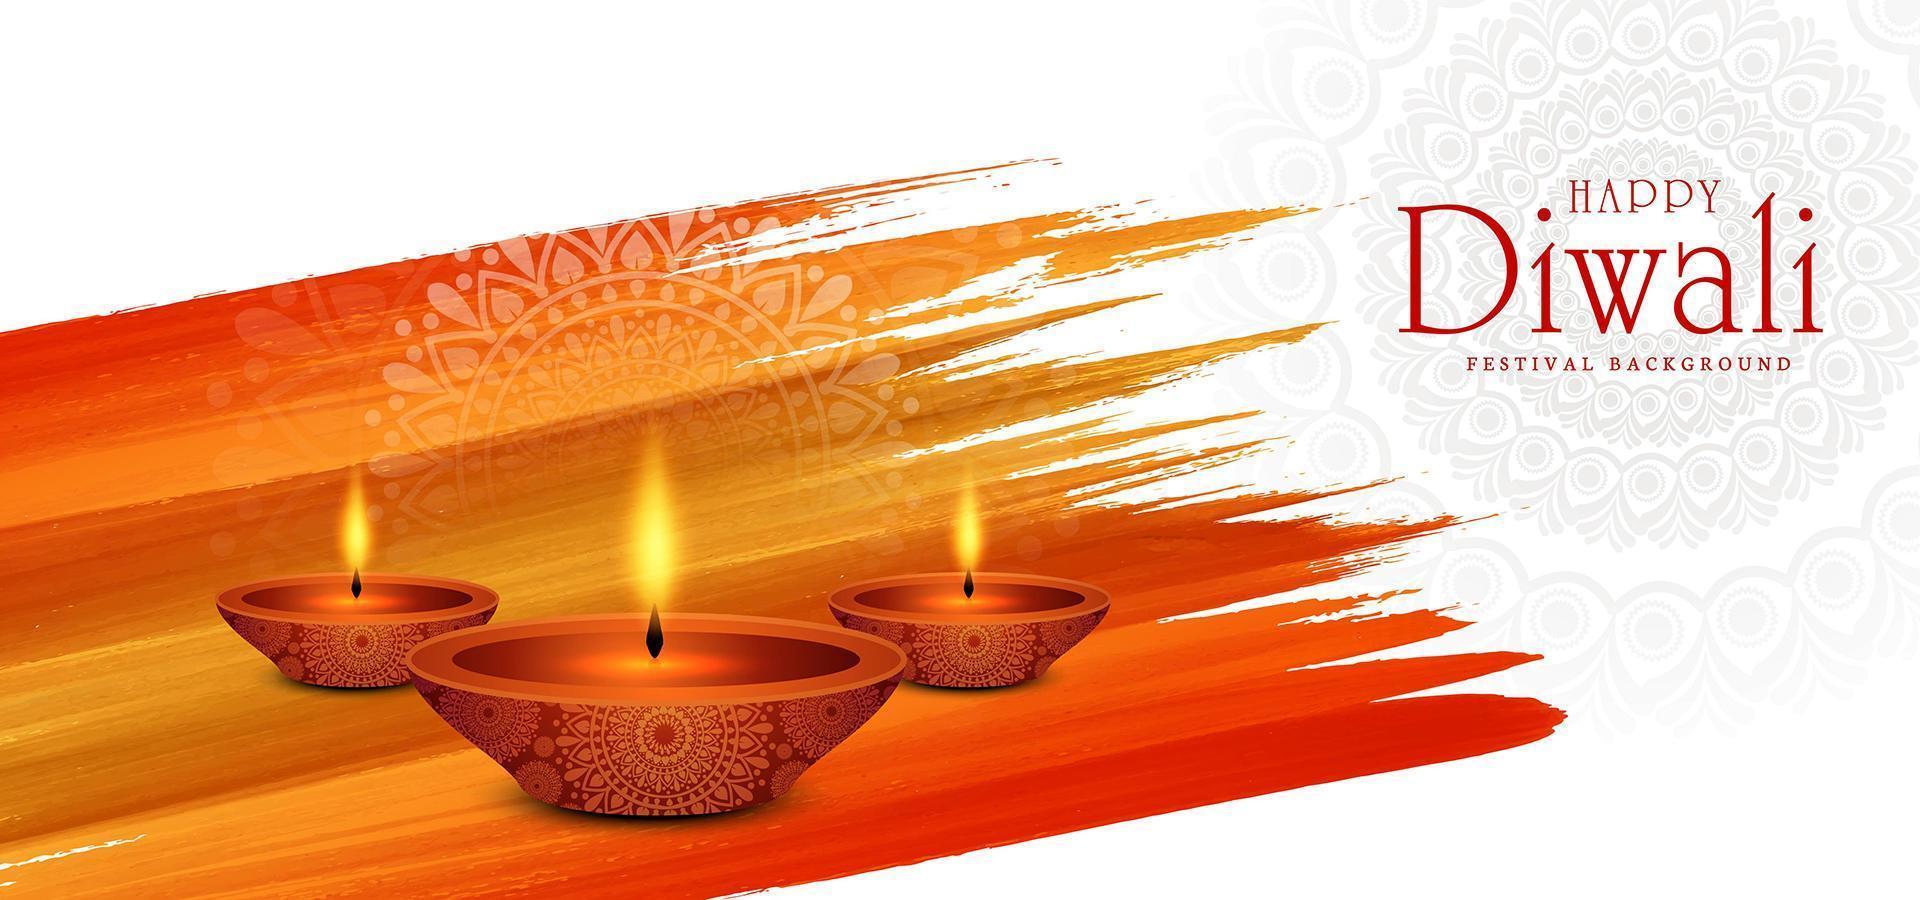 creativo illuminato illuminato lampada diwali festival sfondo vettore